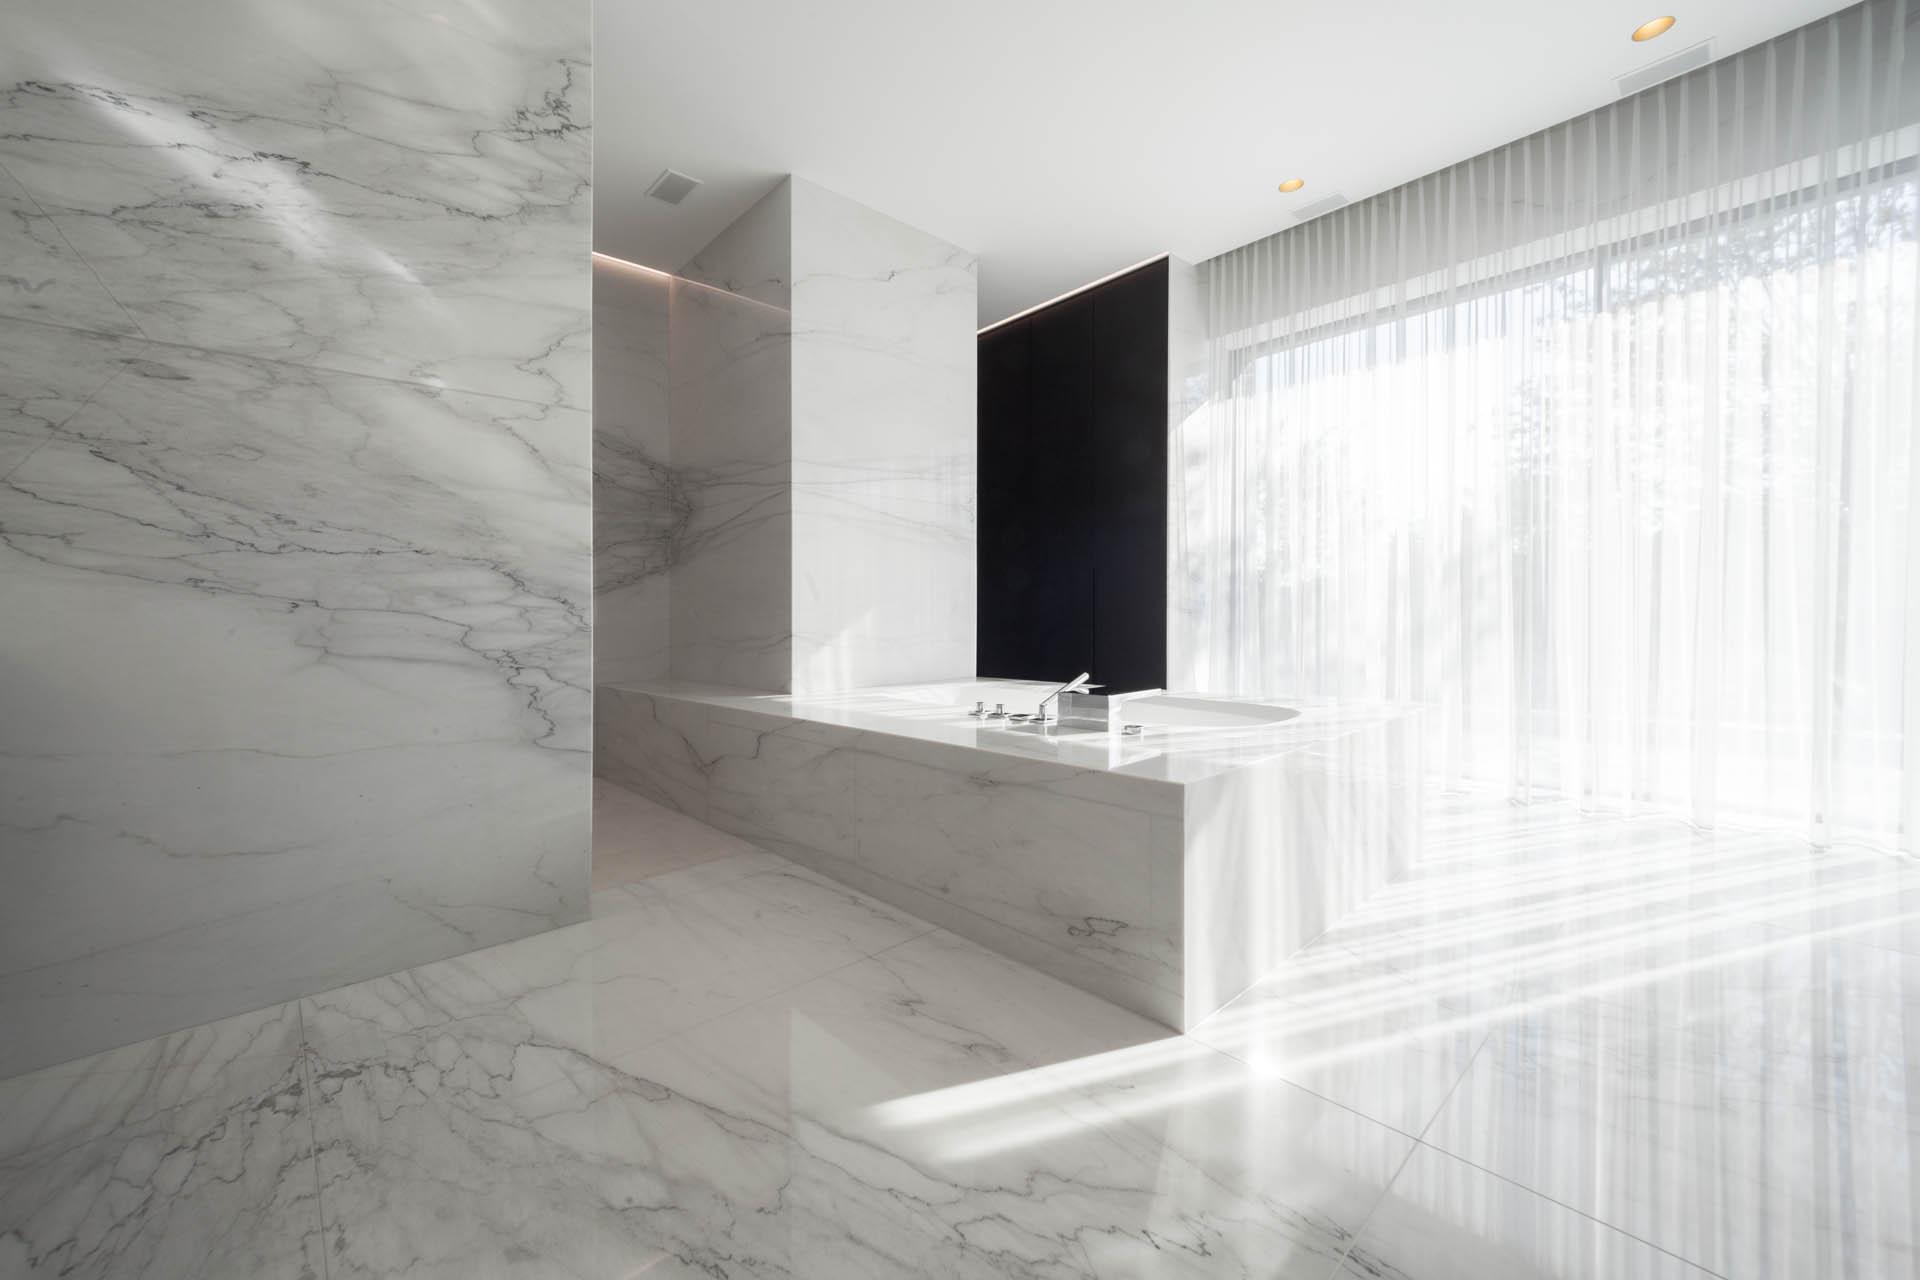 Traumbad aus Naturstein italienischer Marmor Calacatta Extra - Bodenplatten und Wandfliesen in großformatigen Marmortafeln auf Maß